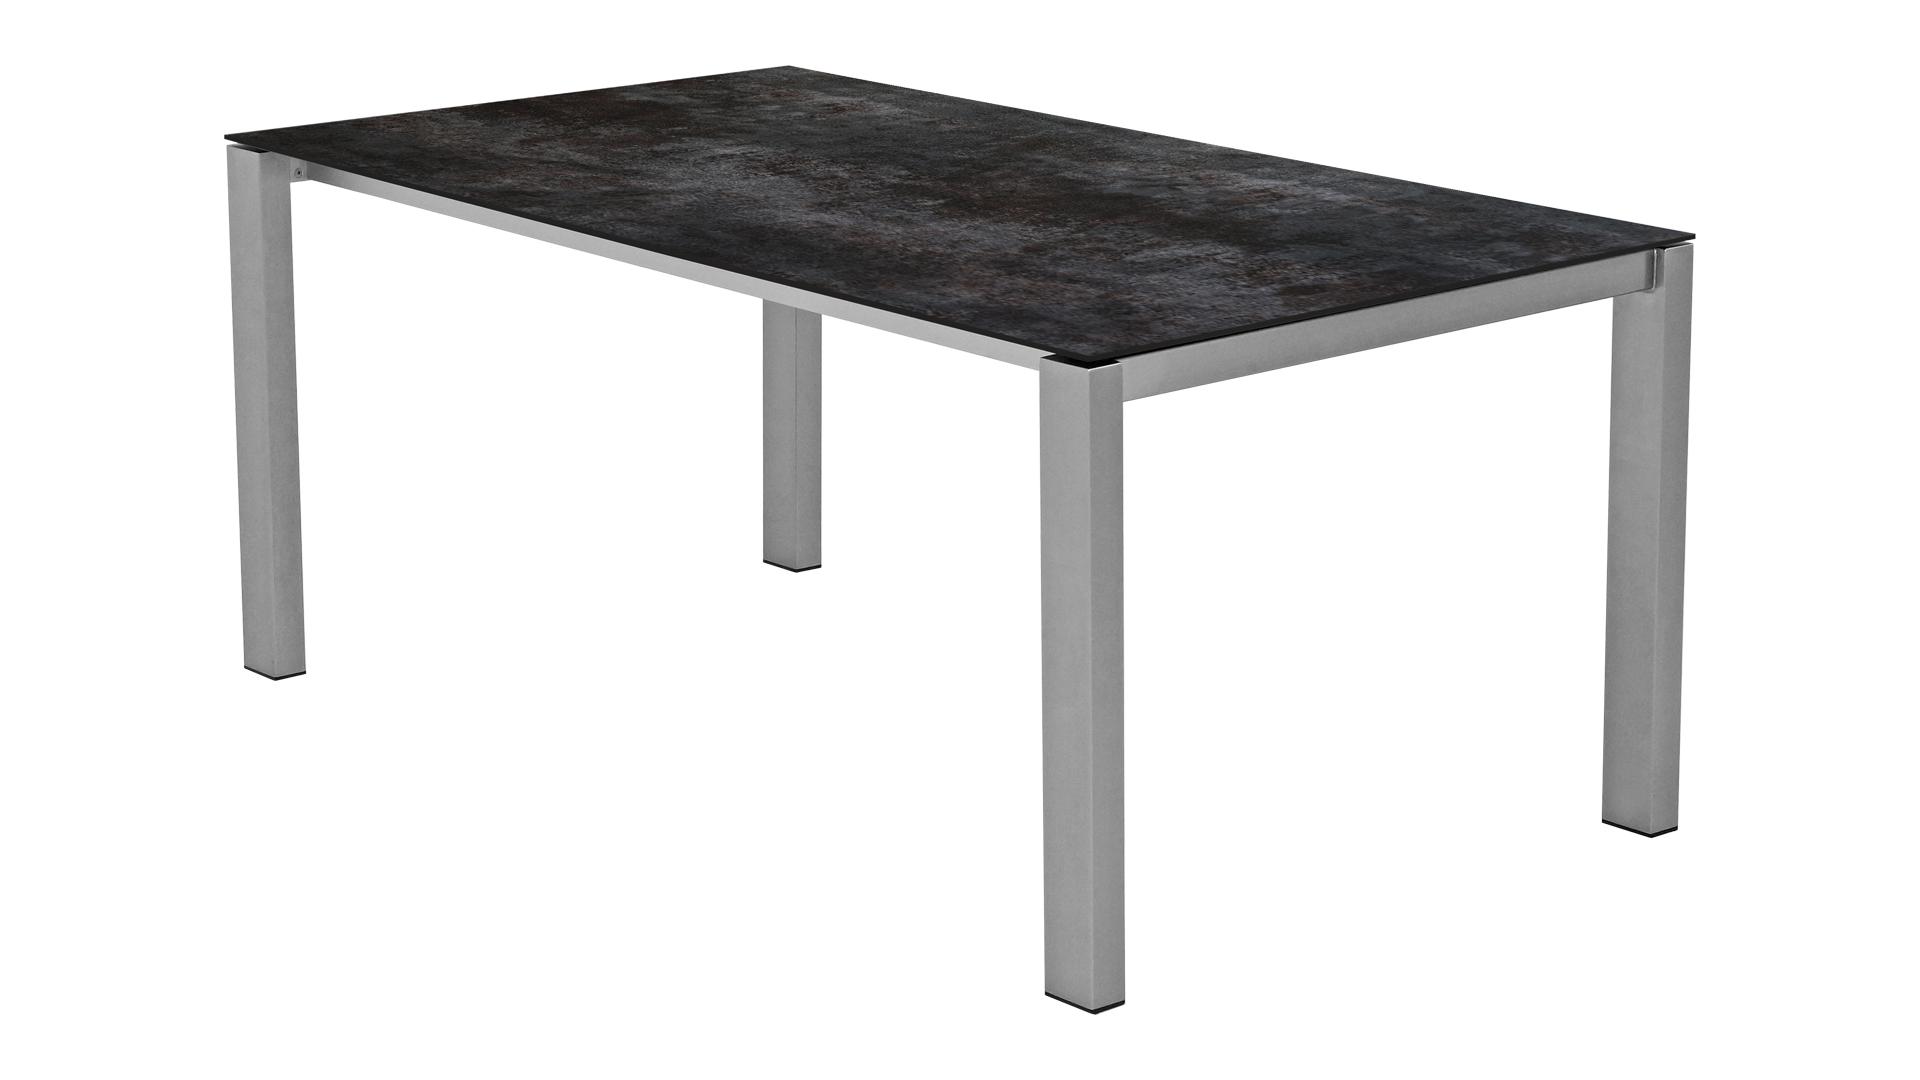 SUMMIT 952001 220-280-340x100 AZ Tisch mit zwei AZ Beine 80x50